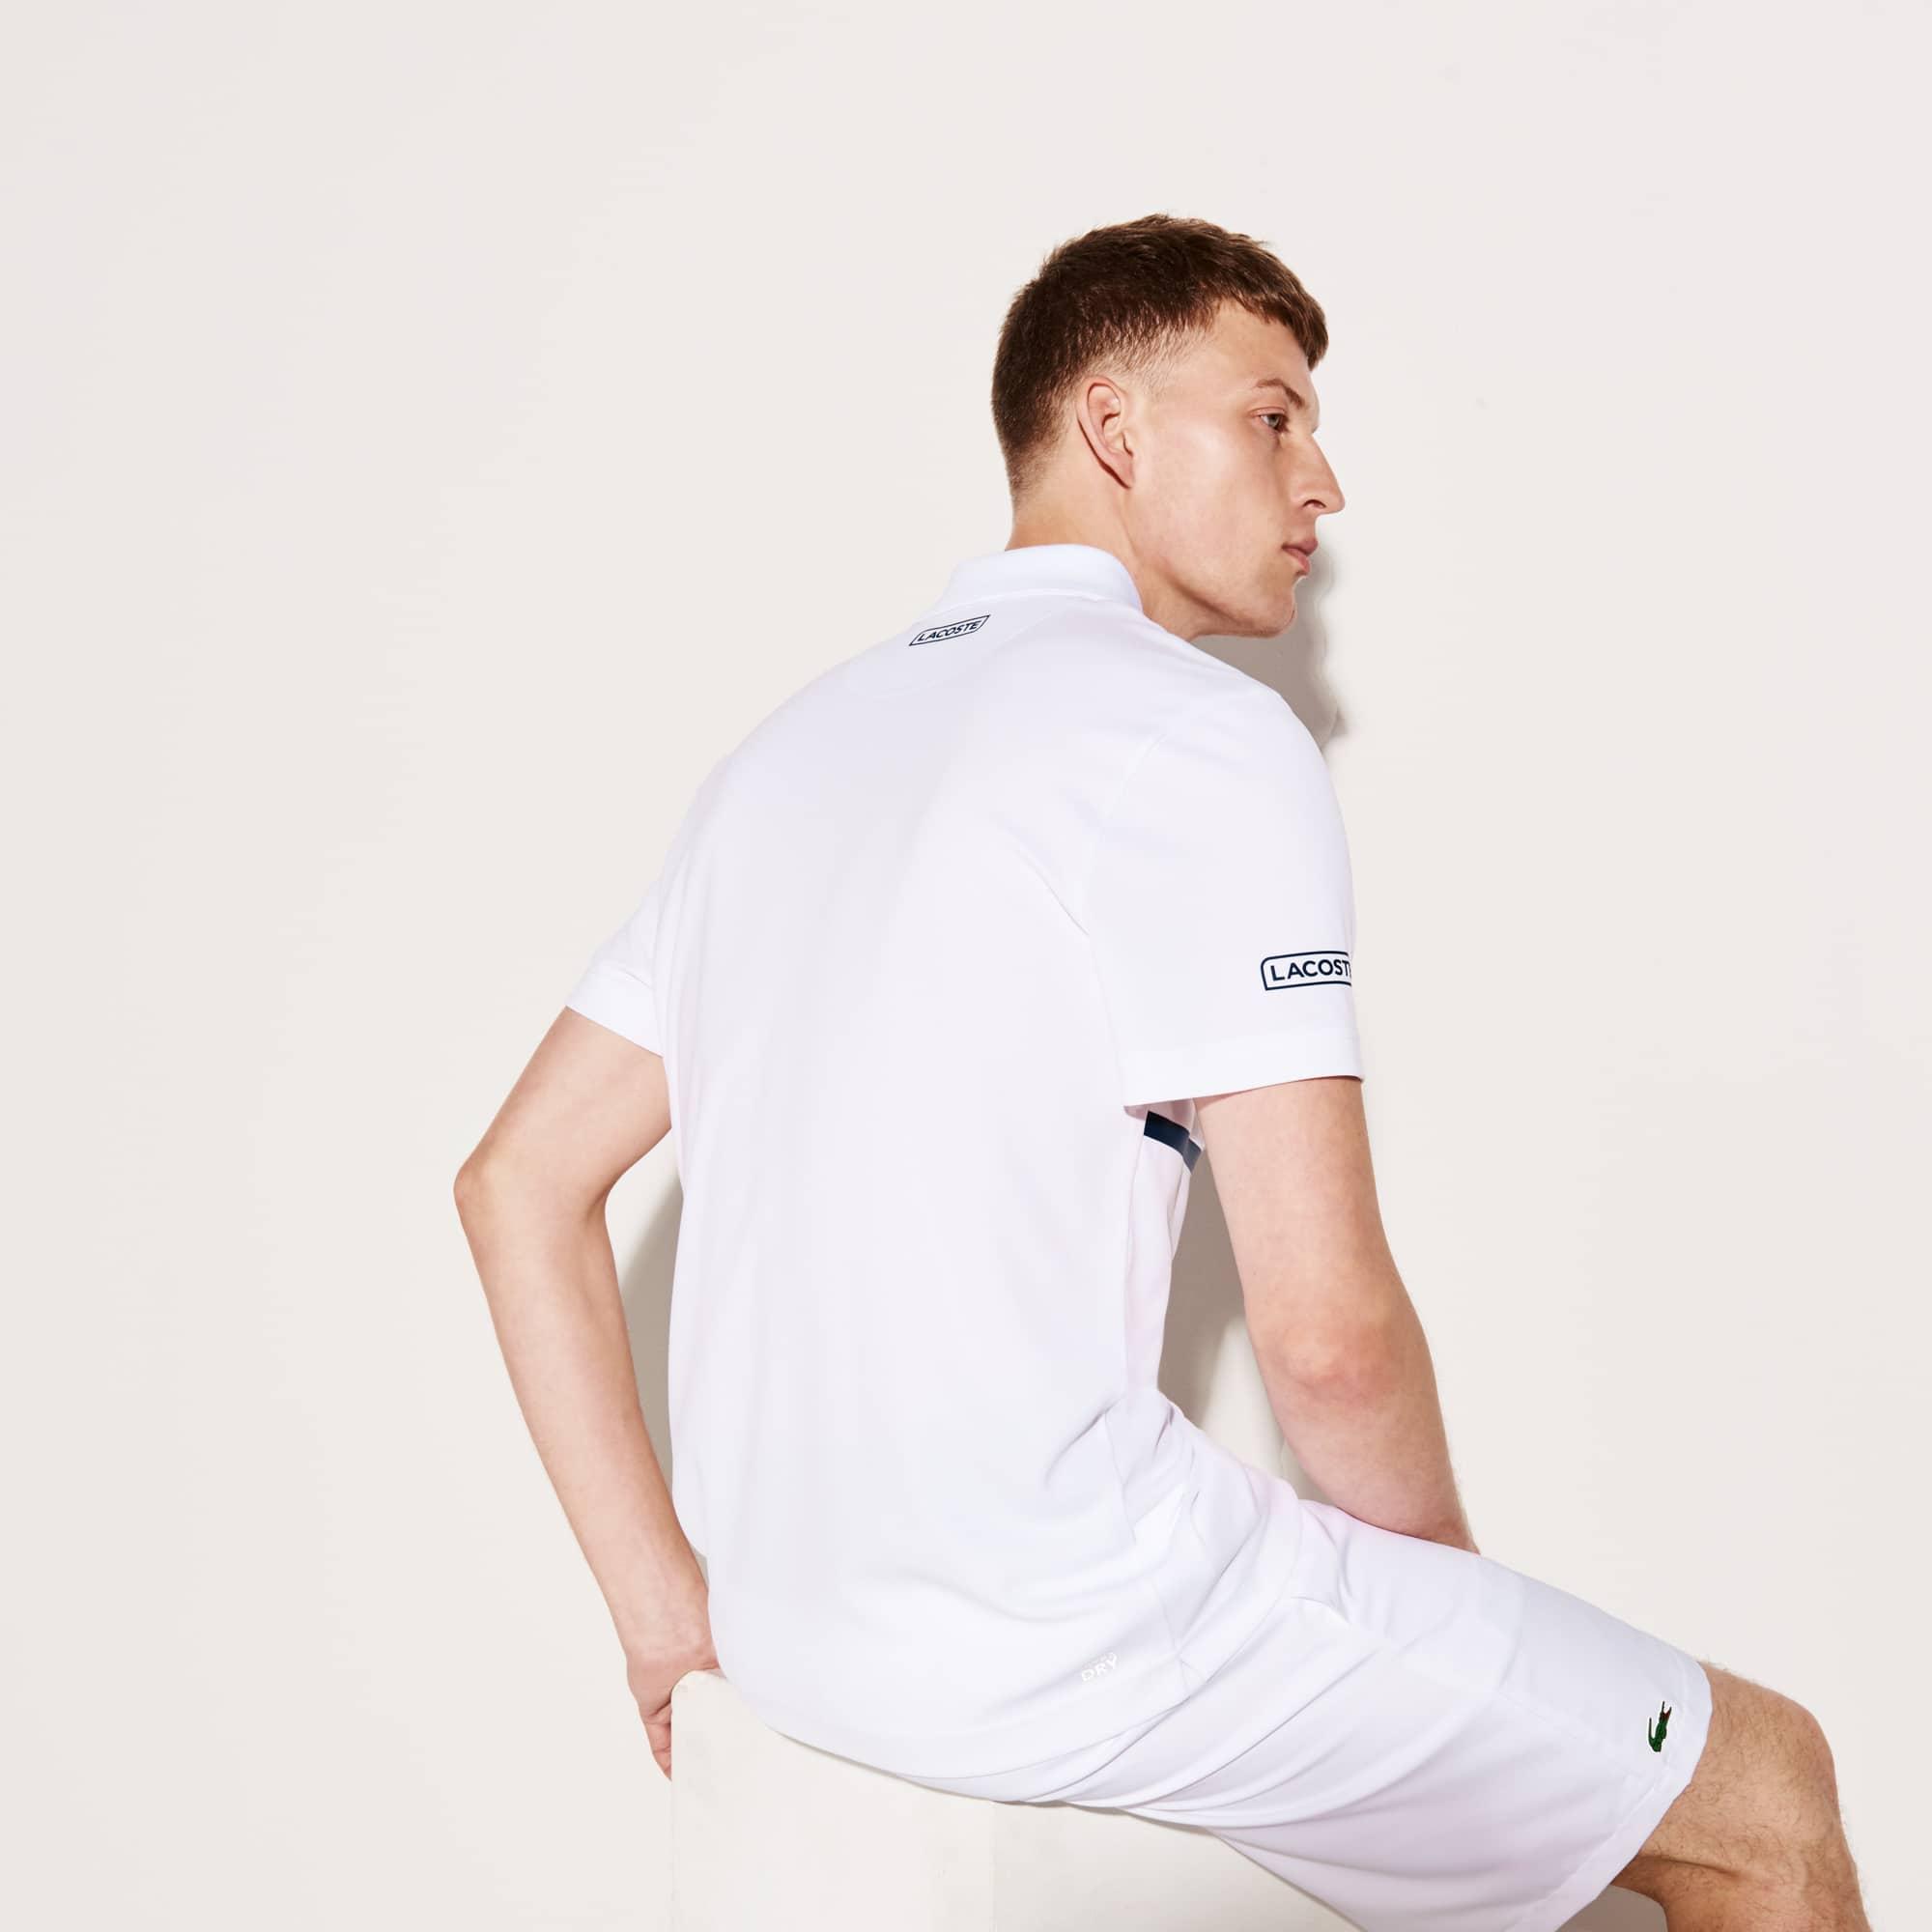 e44c886281602 Camisa Polo Lacoste Sport Tennis Masculina em Piqué Técnico com Faixas  Coloridas